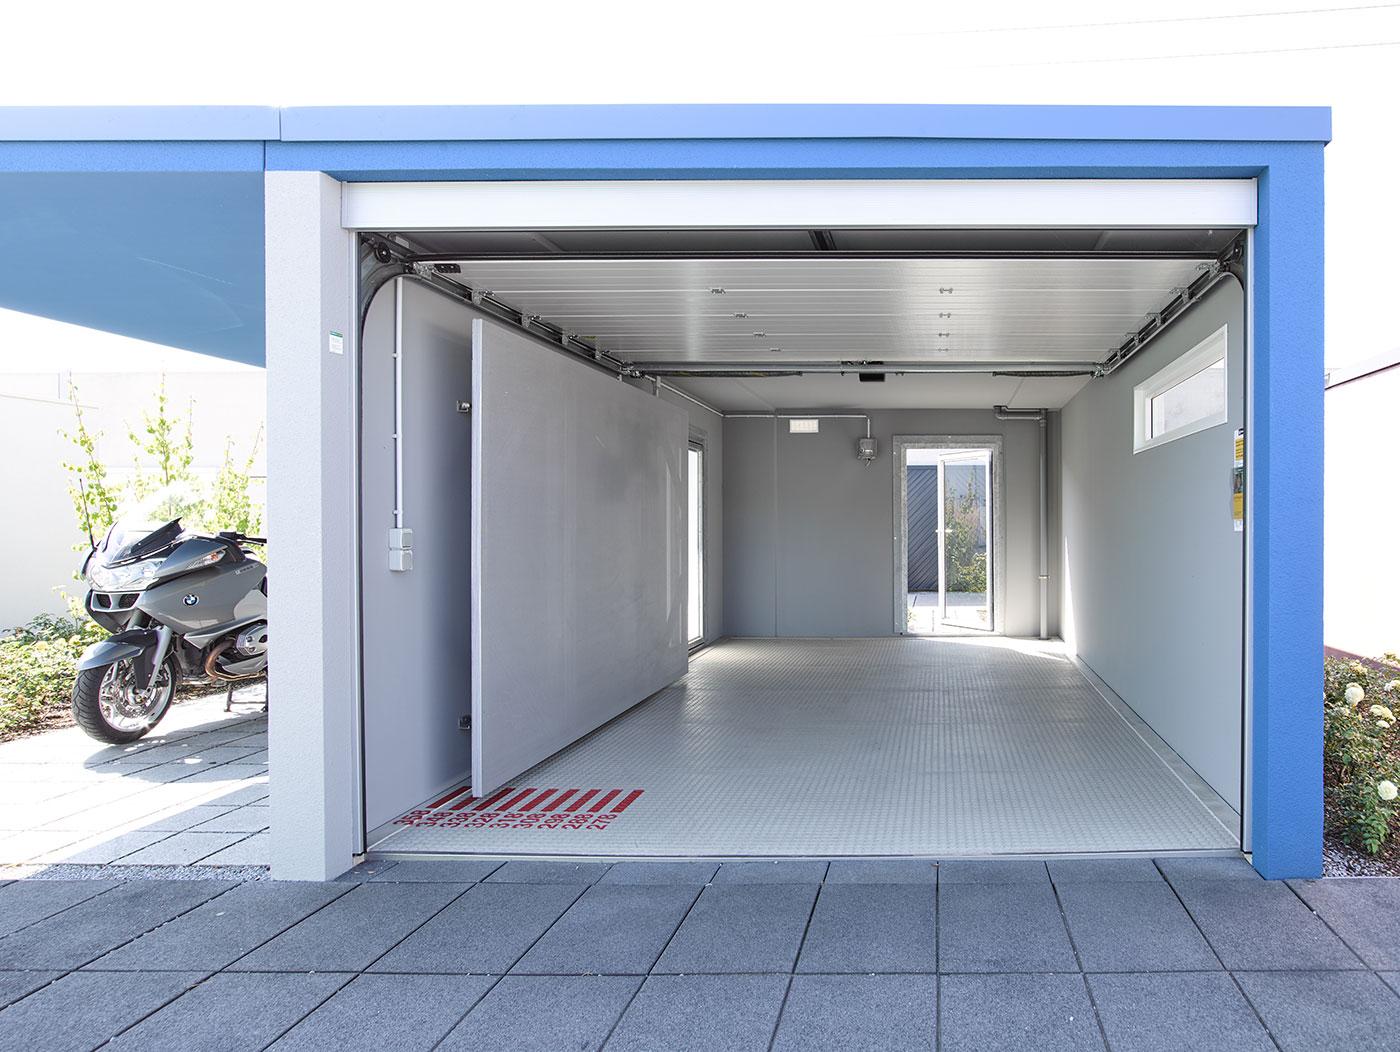 Kemmler Tübingen beton kemmler garagenausstellung tübingen schmutz partner